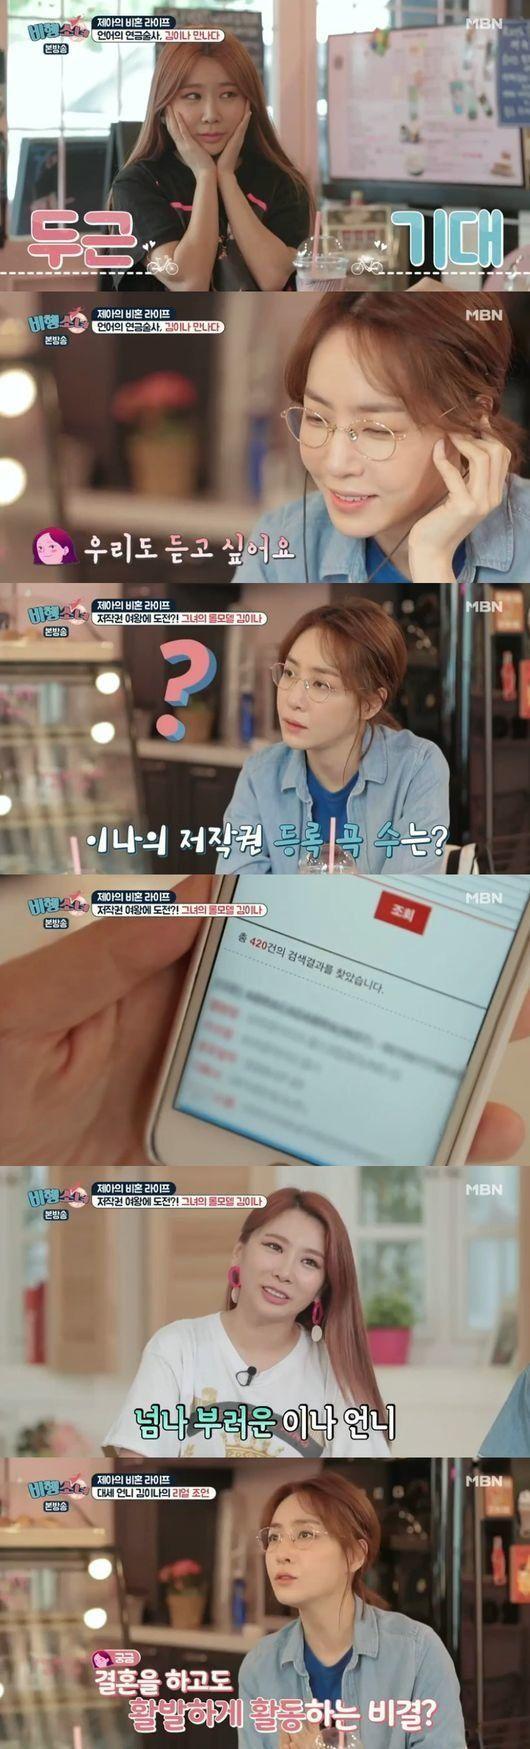 [Oh!쎈리뷰]'비행소녀' 김이나, 저작권 420곡 넘어